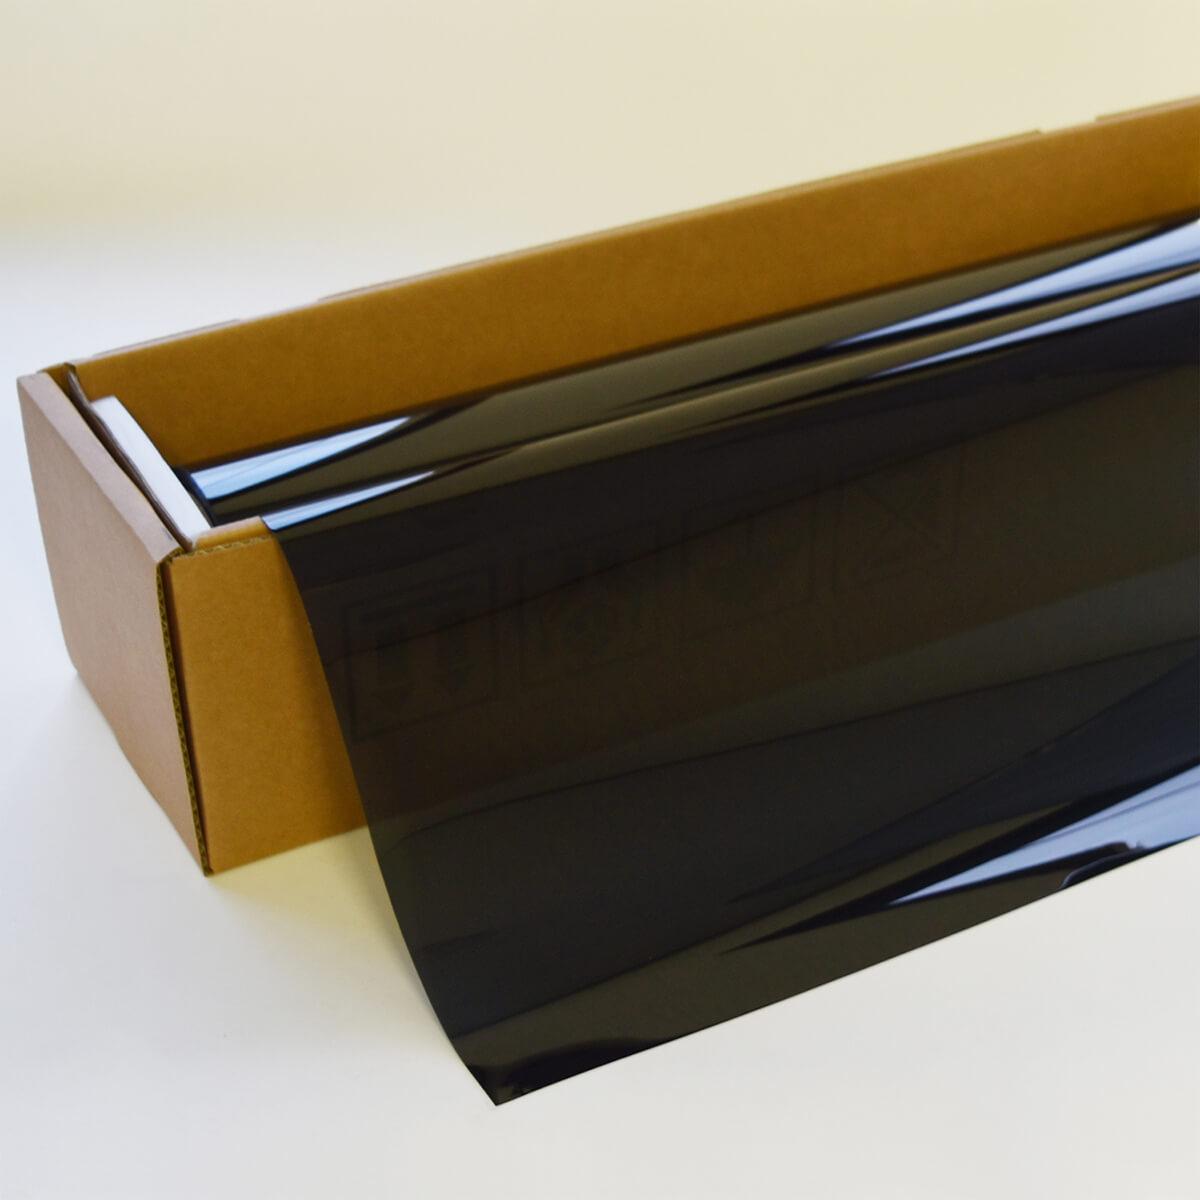 DIYスモーク10(12%) 1m幅×30mロール箱売 カーフィルム DIY向けスモーク #DIY-GBK1040 Roll#